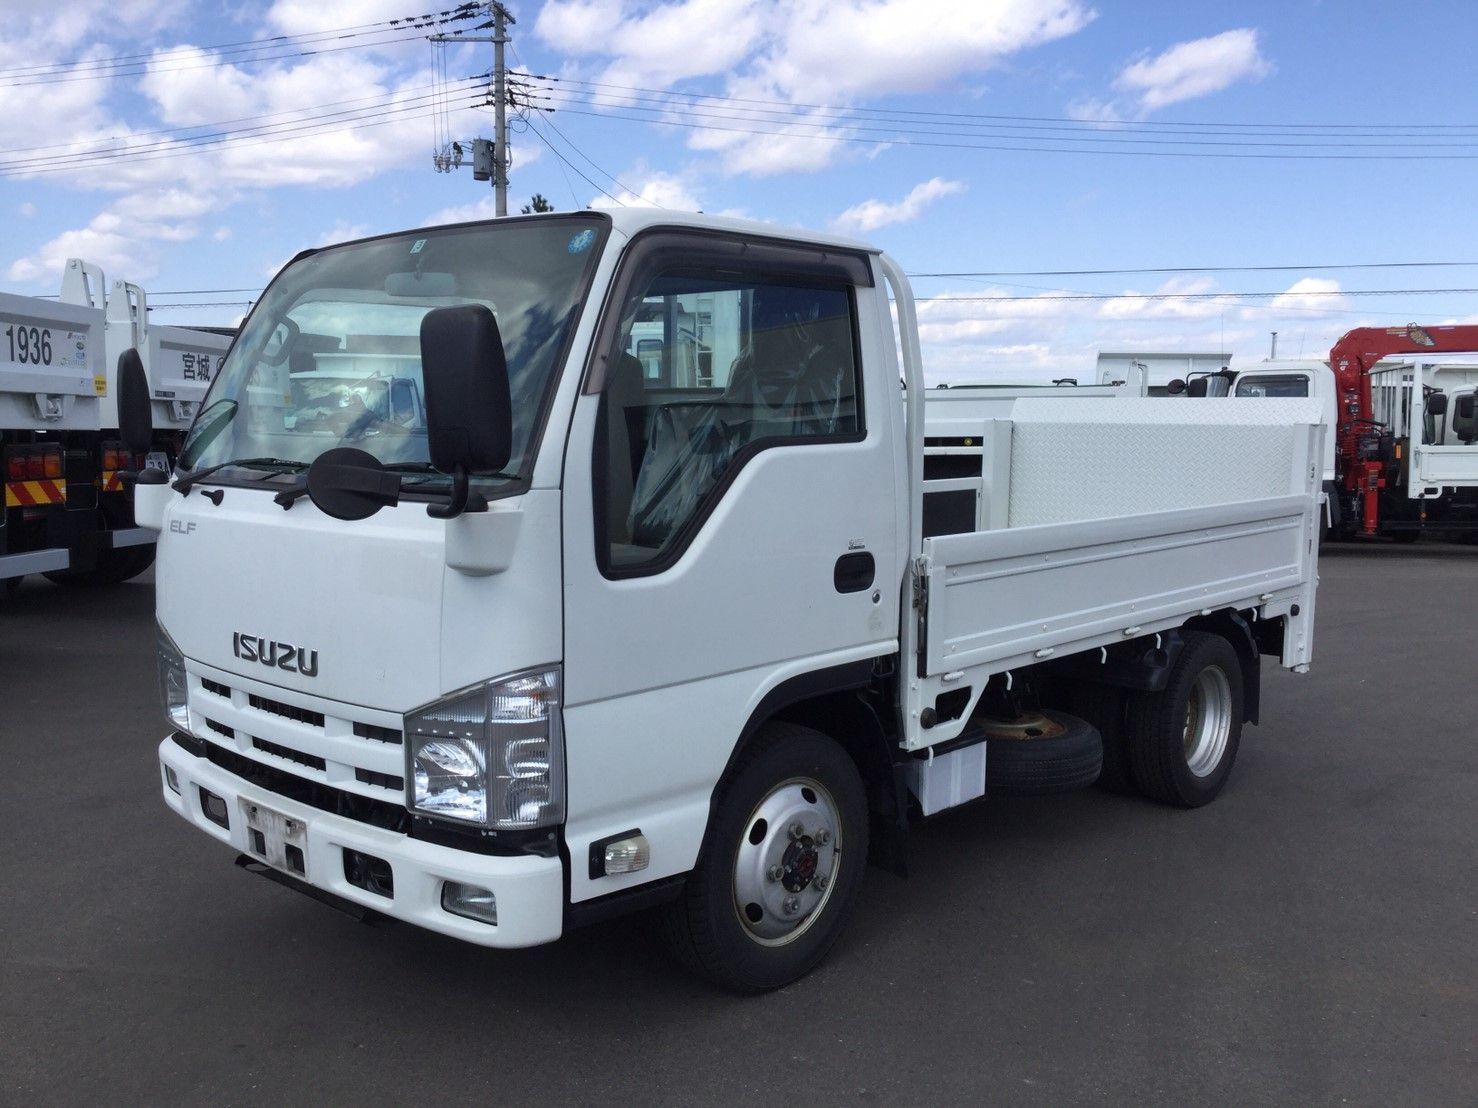 2014 Isuzu Elf 2 Ton 4wd Truck Tkg Njs85a Used Trucks For Sale Trucks Japan